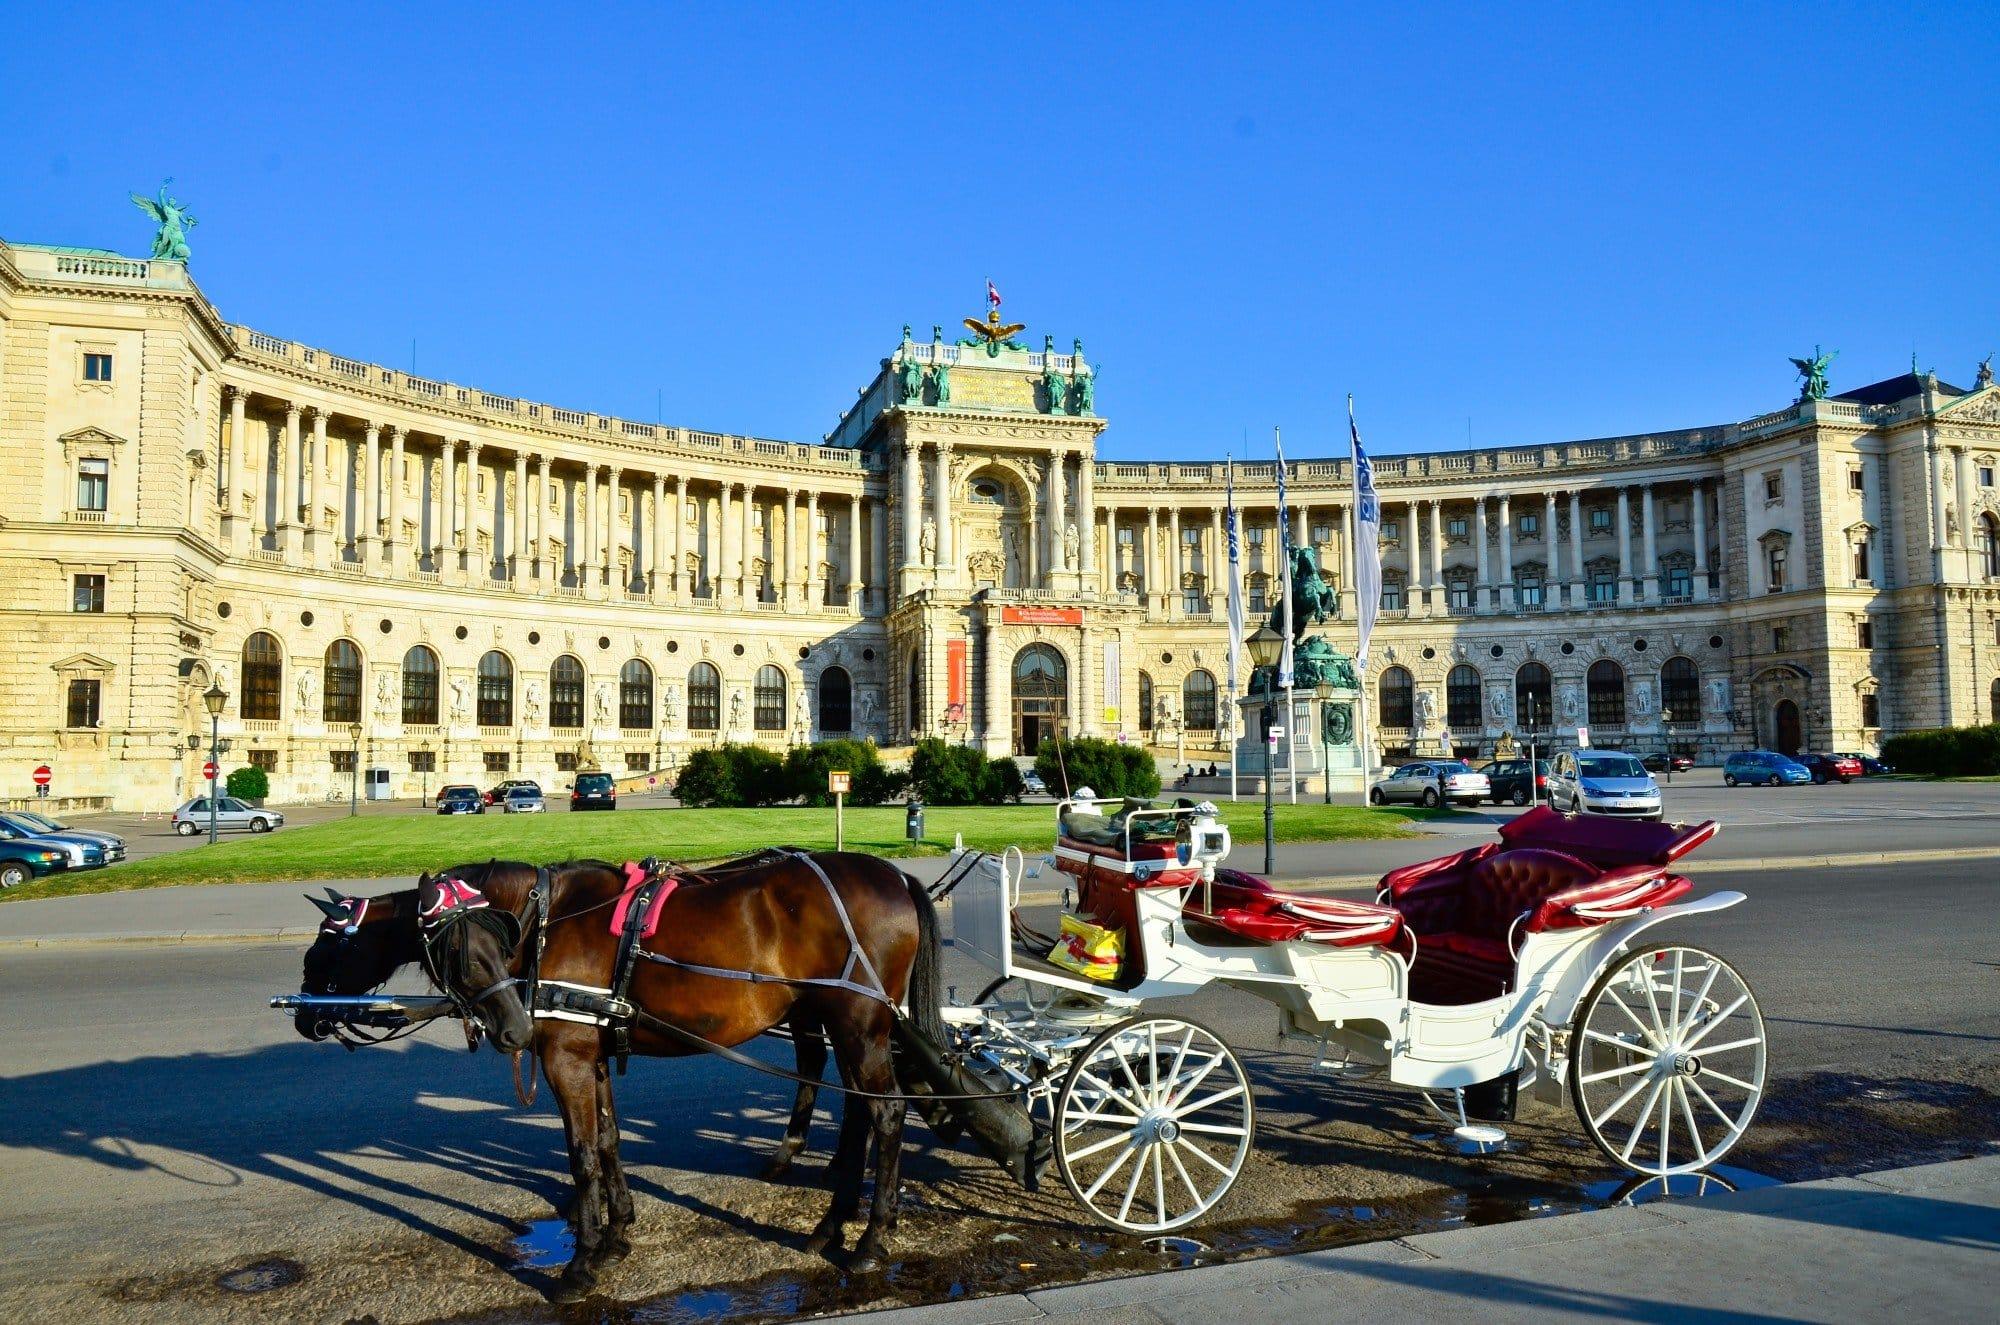 Le palais imp rial de vienne autriche desti nations - Office de tourisme de vienne autriche ...